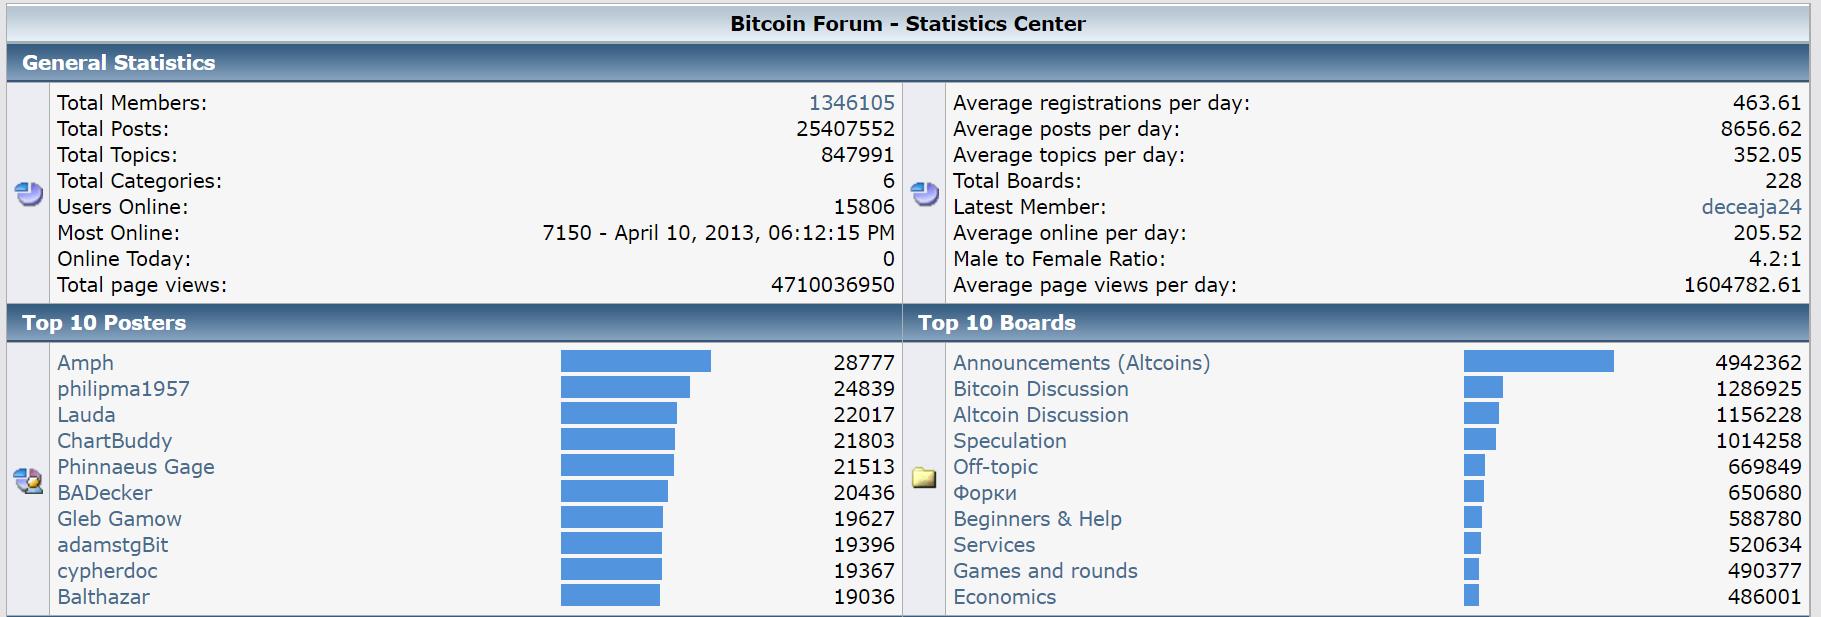 Bitcointalk.org fórum statisztika - 2017/11/29